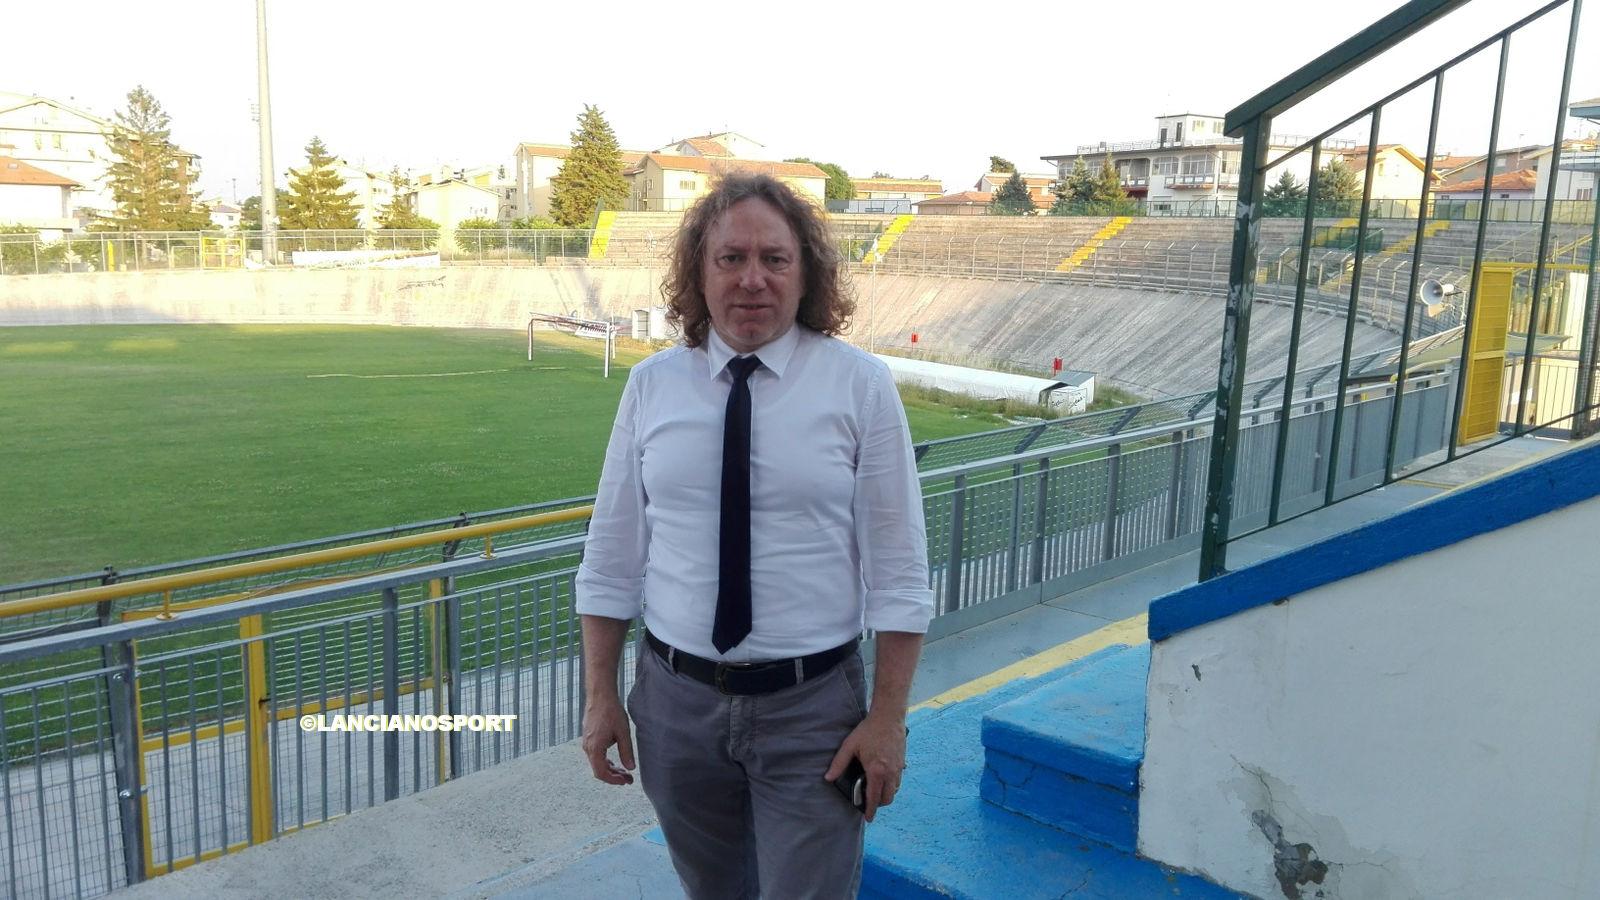 De Vincentiis è pronto: «Faremo ripartire Lanciano con una società moderna»